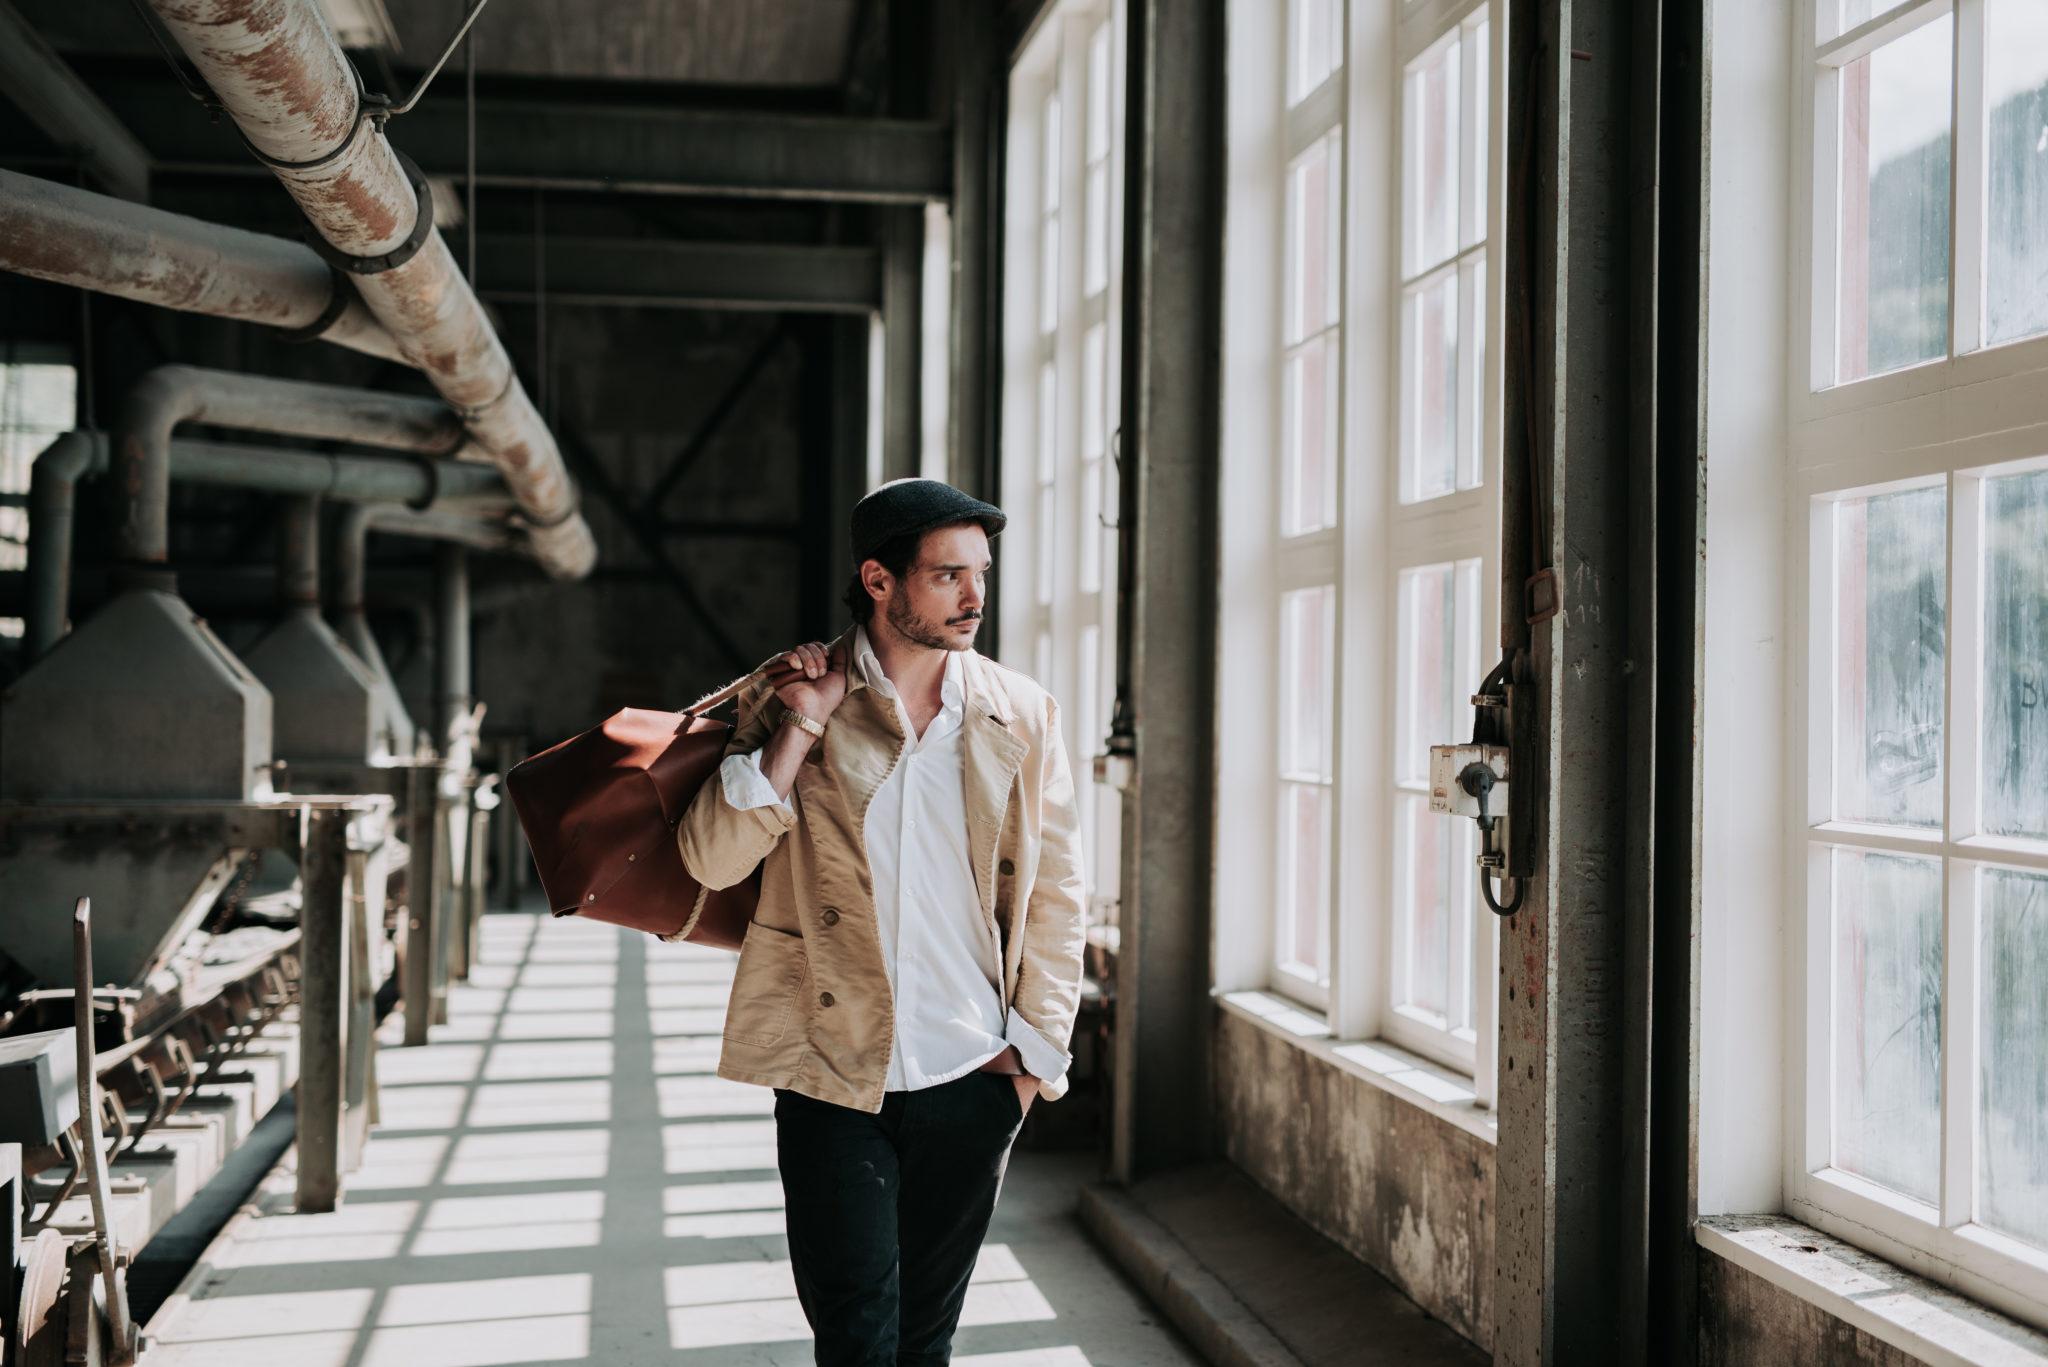 Svenja und Ben Fotografie Mallorca Hochzeitsfotos Göttingen - Fashionfoto Produktfoto Designertasche Fashionfotograf